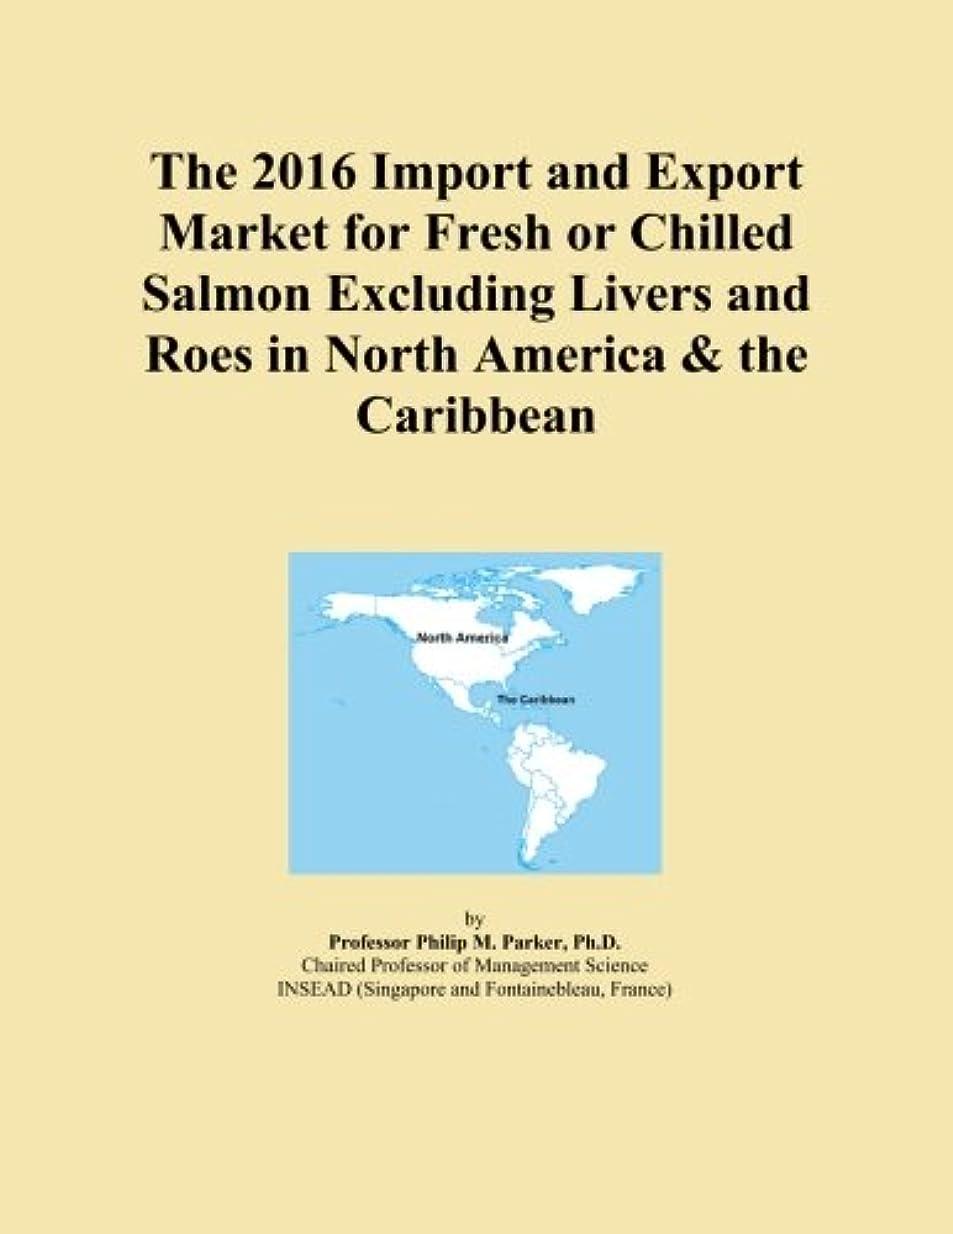 グラフ驚失速The 2016 Import and Export Market for Fresh or Chilled Salmon Excluding Livers and Roes in North America & the Caribbean